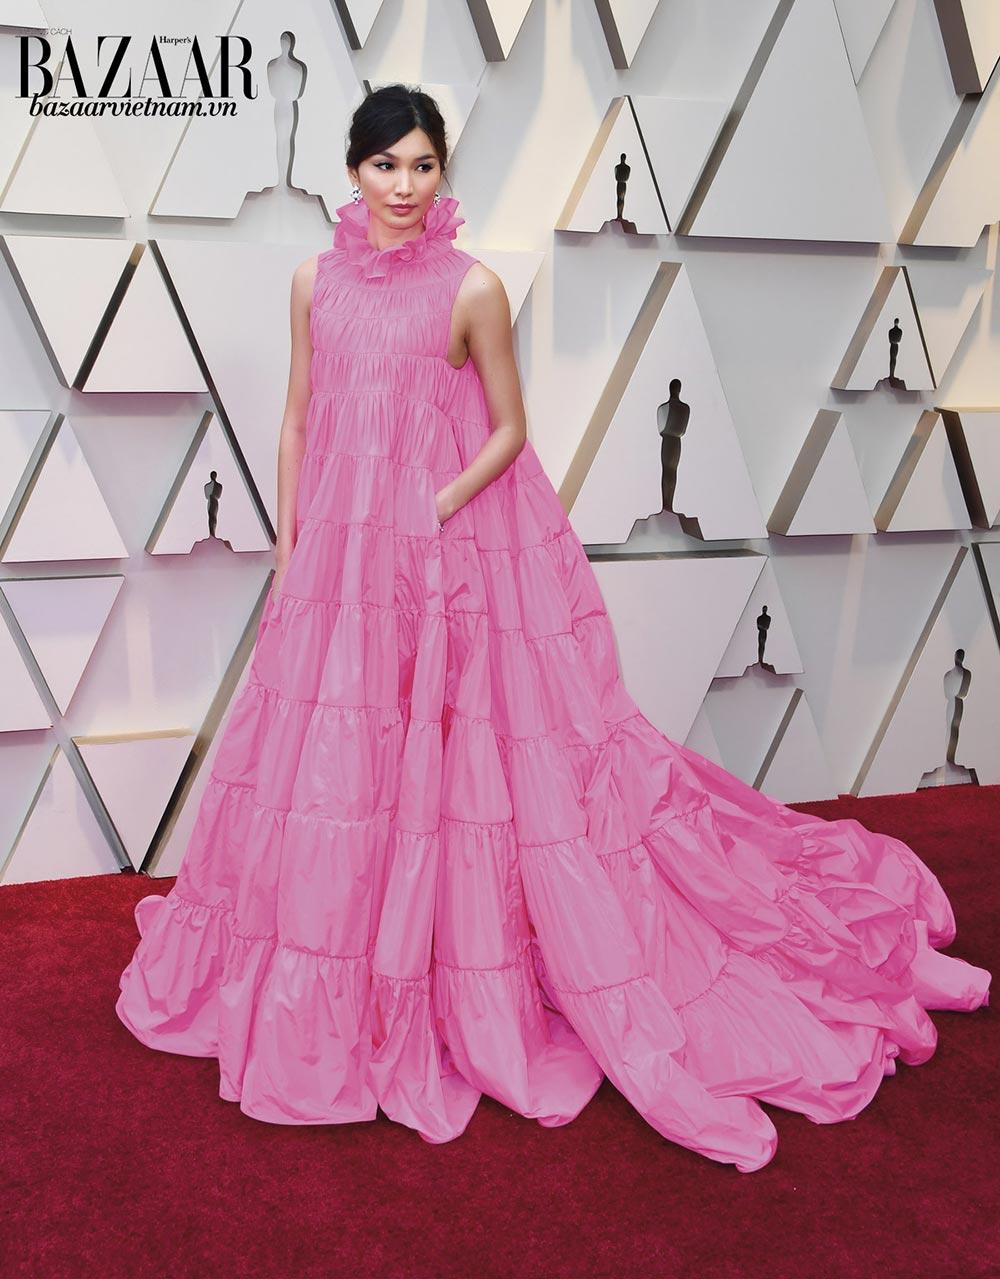 Gemma Chan lộng lẫy trong đầm dạ hội của Valentino. Màu hồng fuchsia và tùng váy xòe là điểm nhấn làm cô tươi như một đóa hoa.